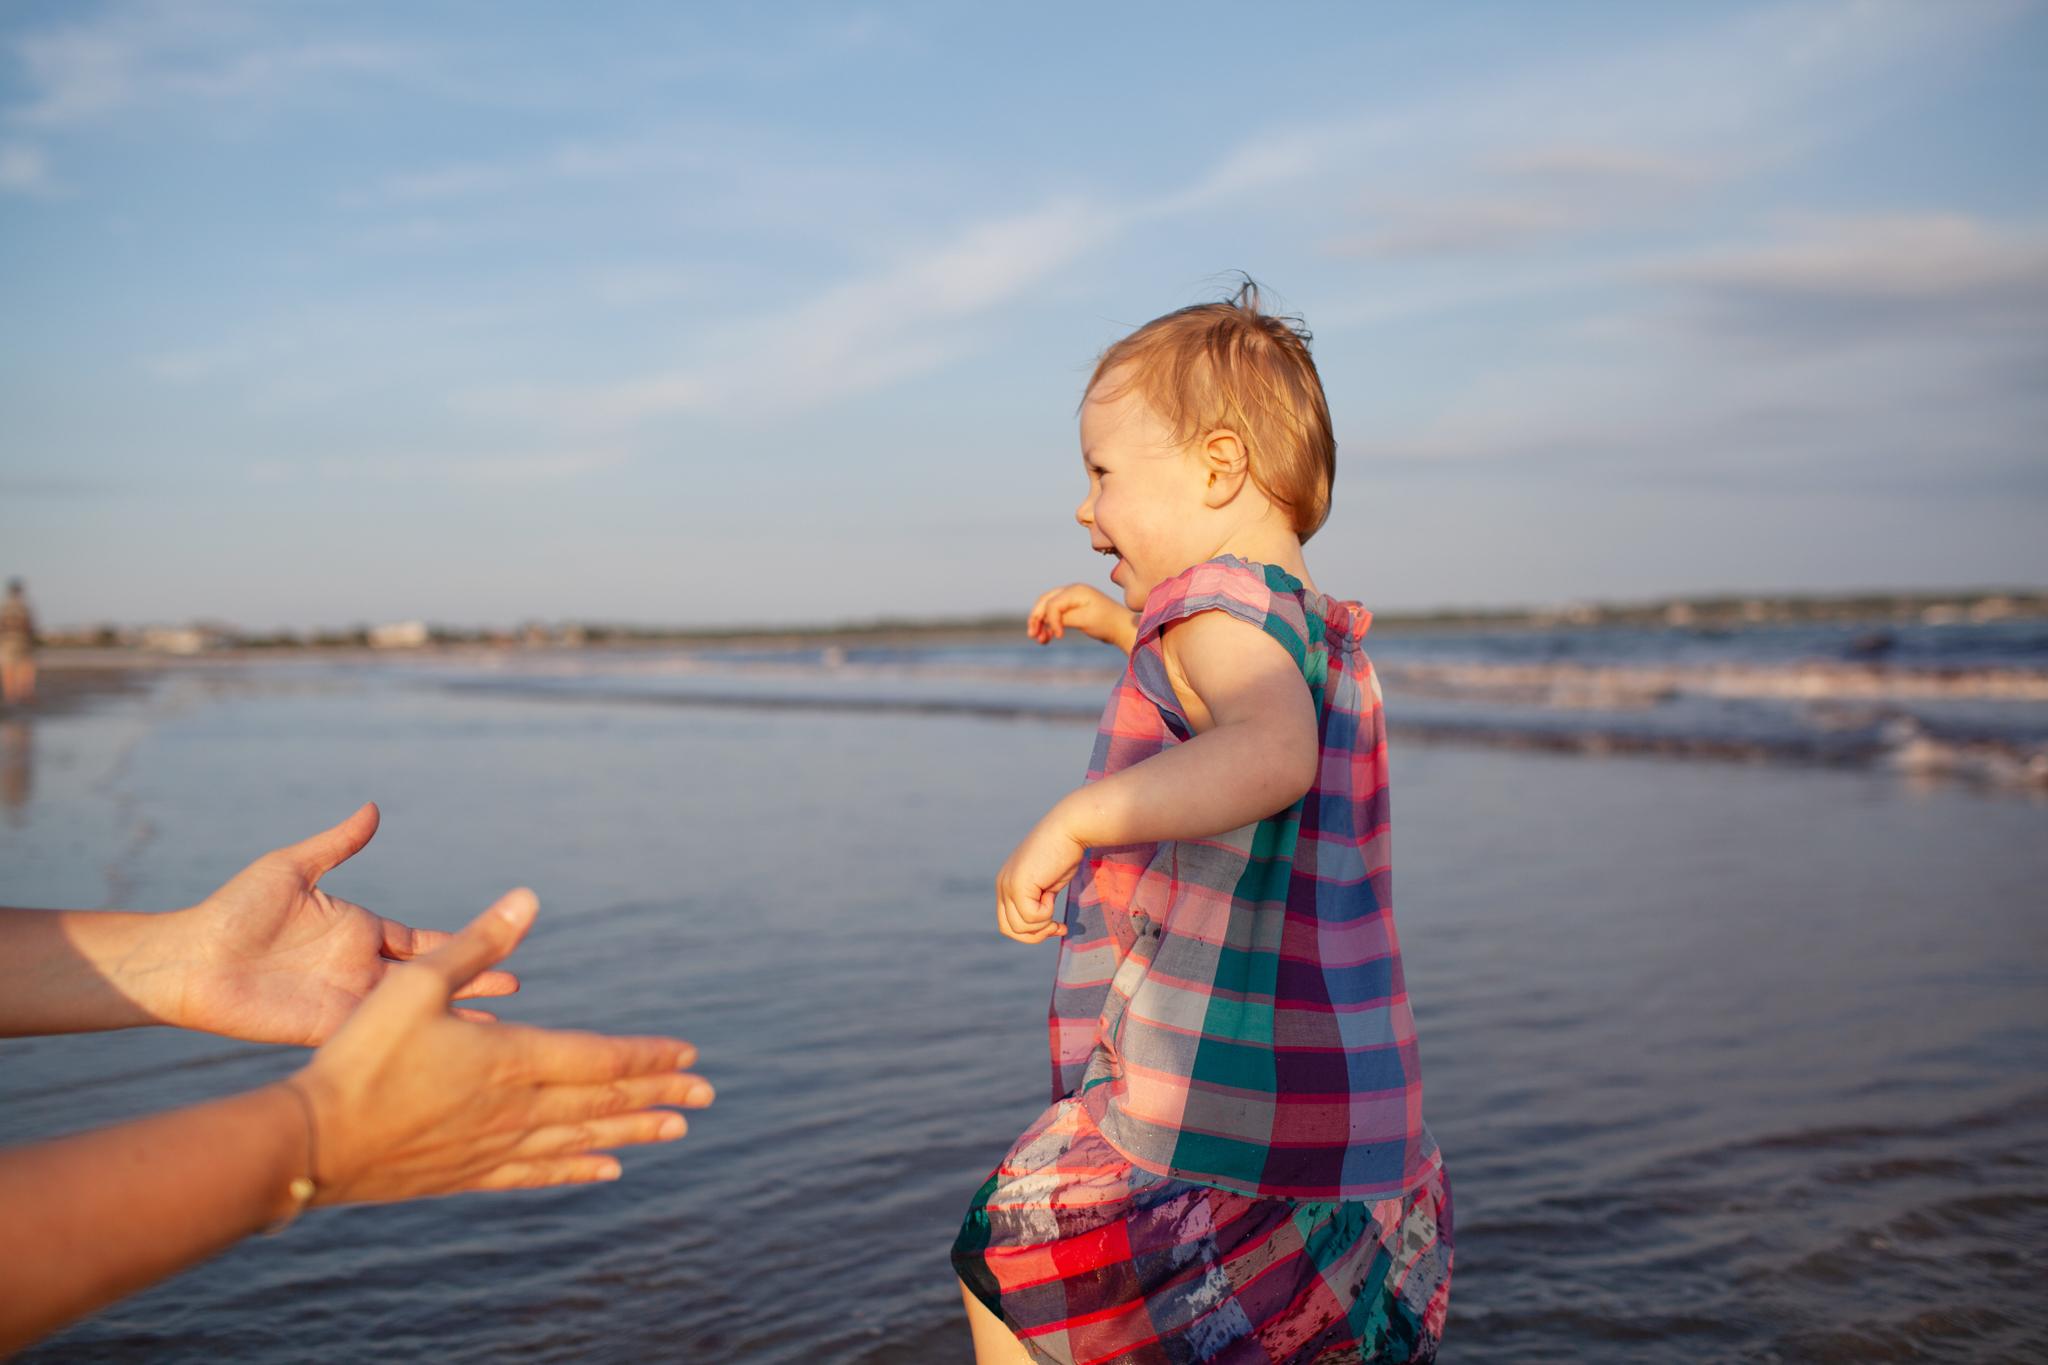 maine-family-photography-pine-point- beach-66.jpg